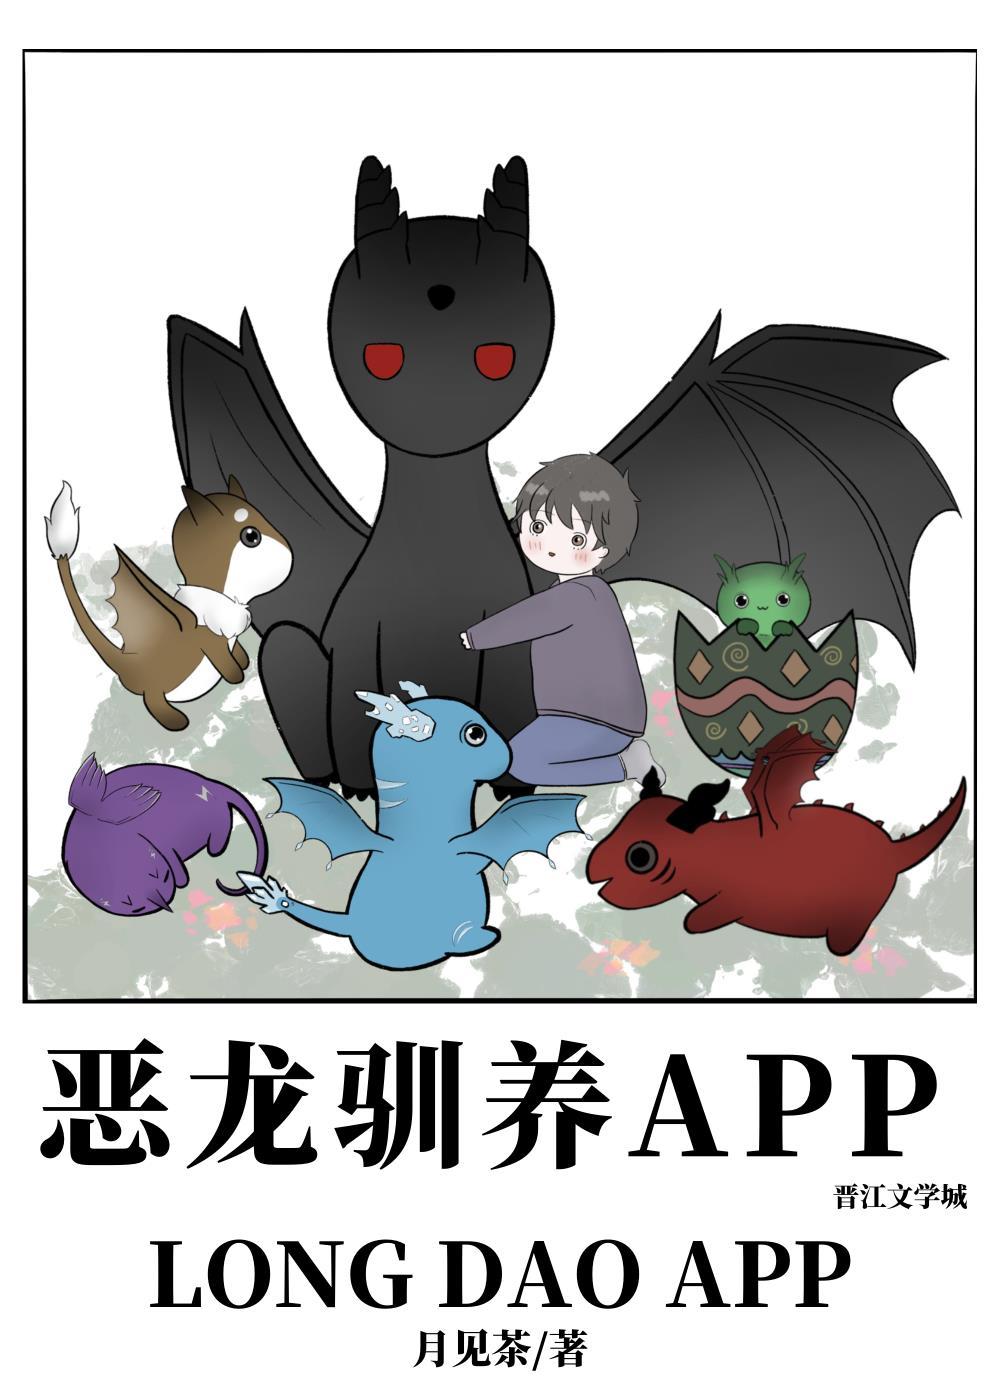 恶龙驯养app